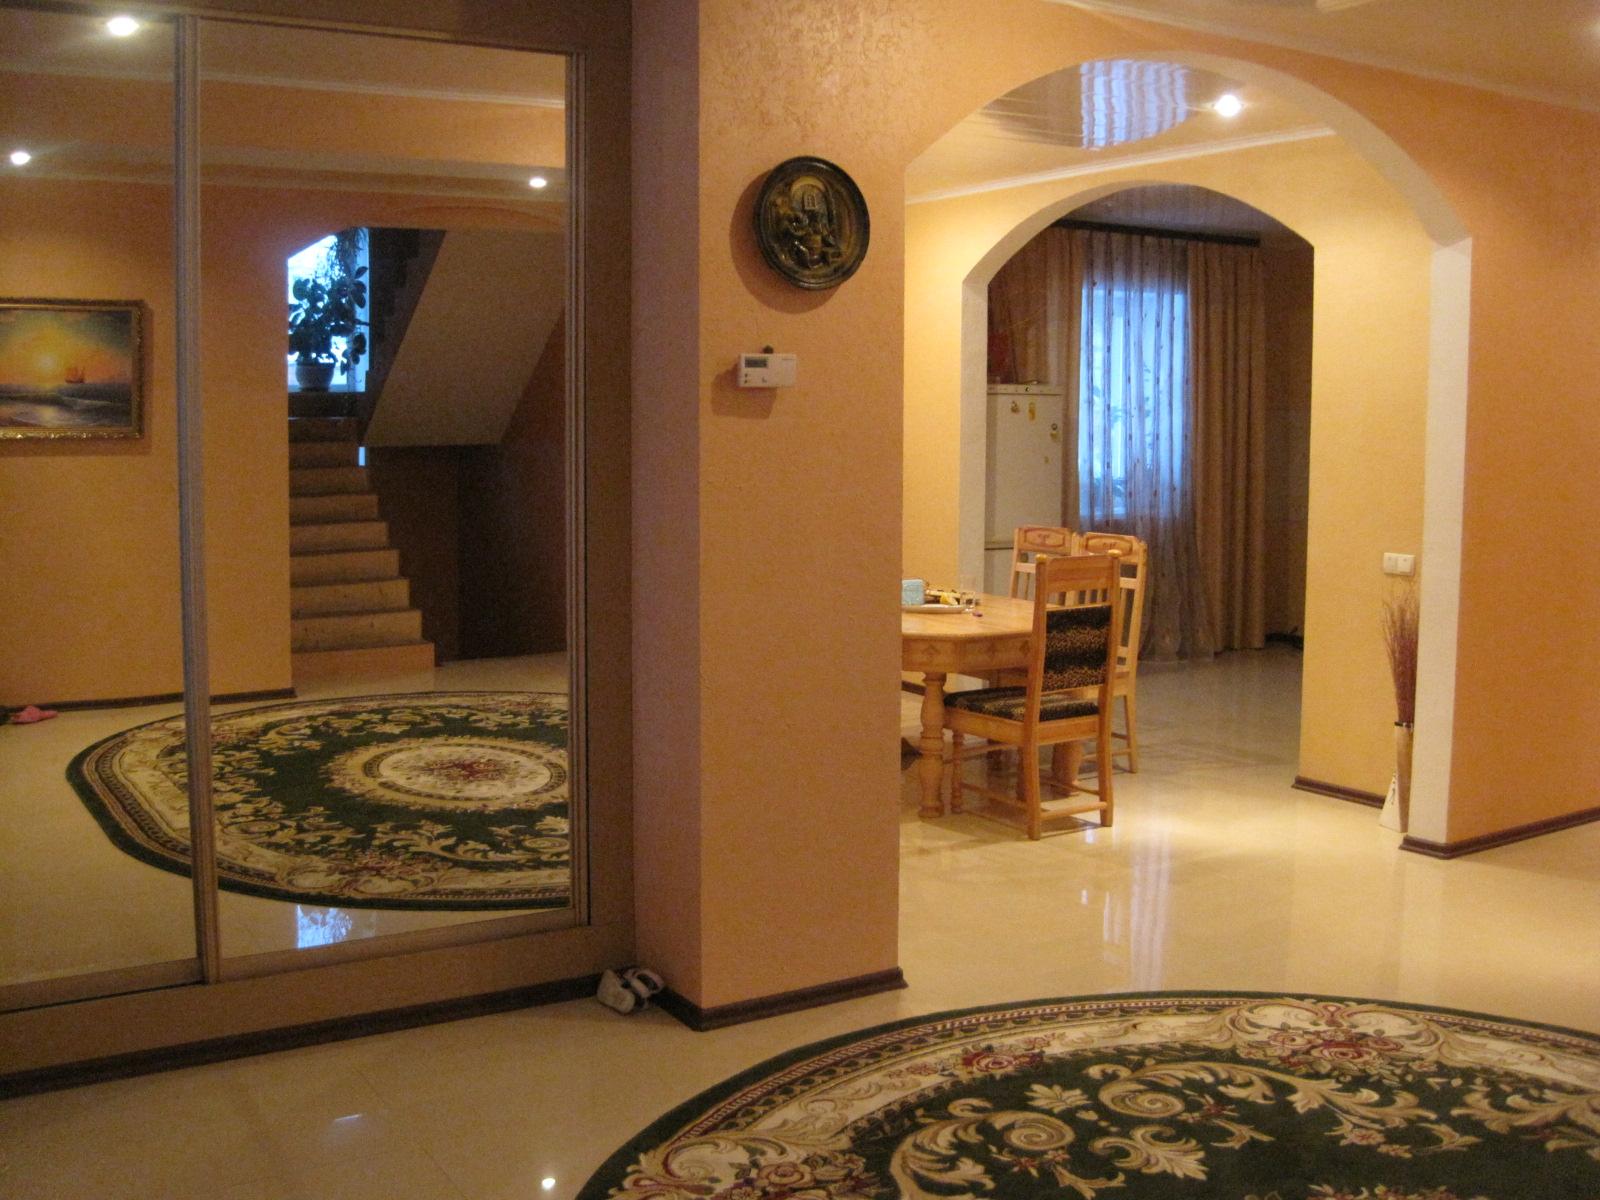 Проекты маленьких домов: готовые и типовые Каталог